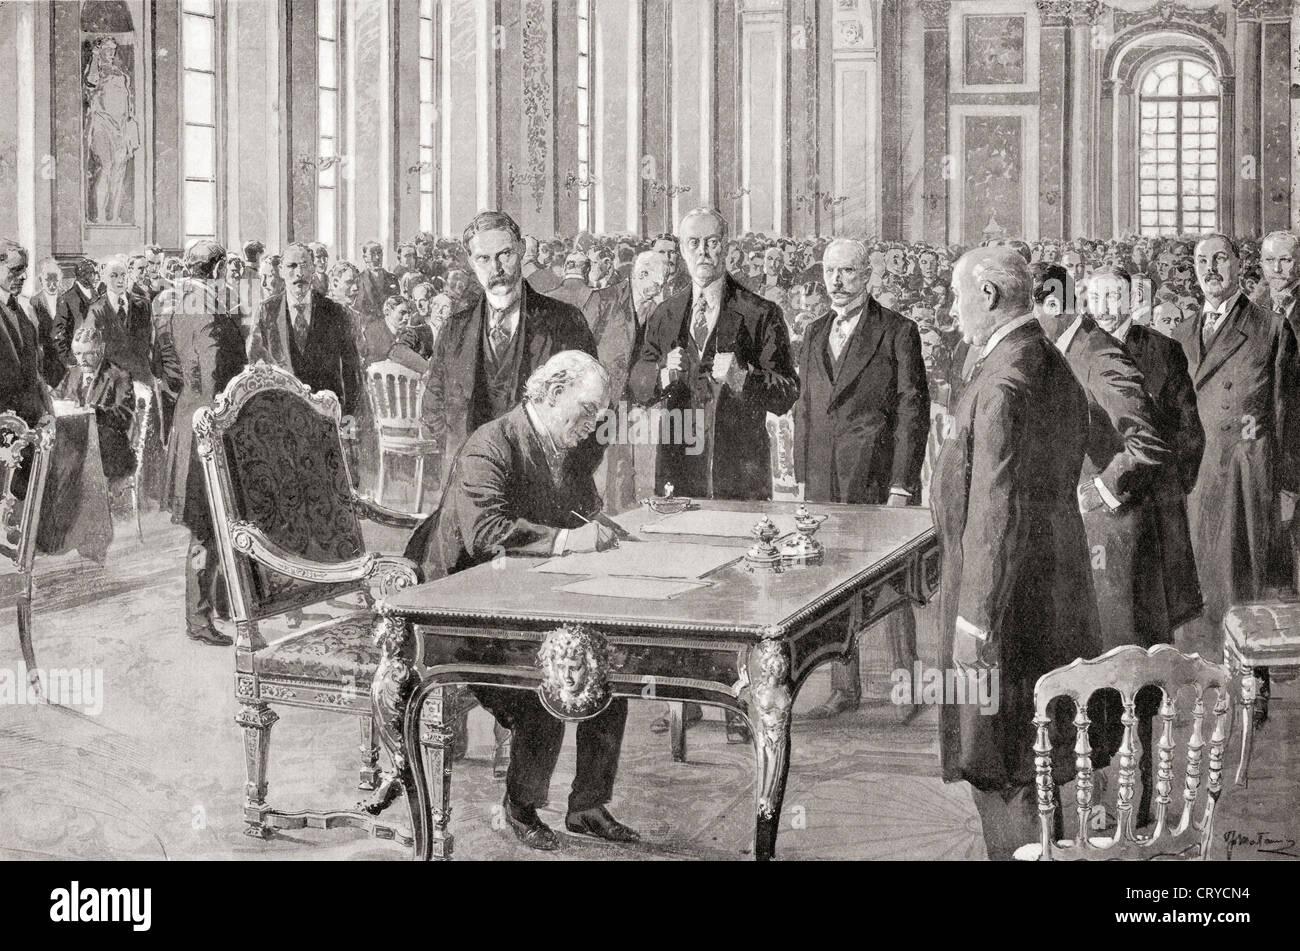 Il sig. Lloyd George firma il Trattato di pace con la Germania, Giugno 28th, 1919, nella Sala degli Specchi del Immagini Stock